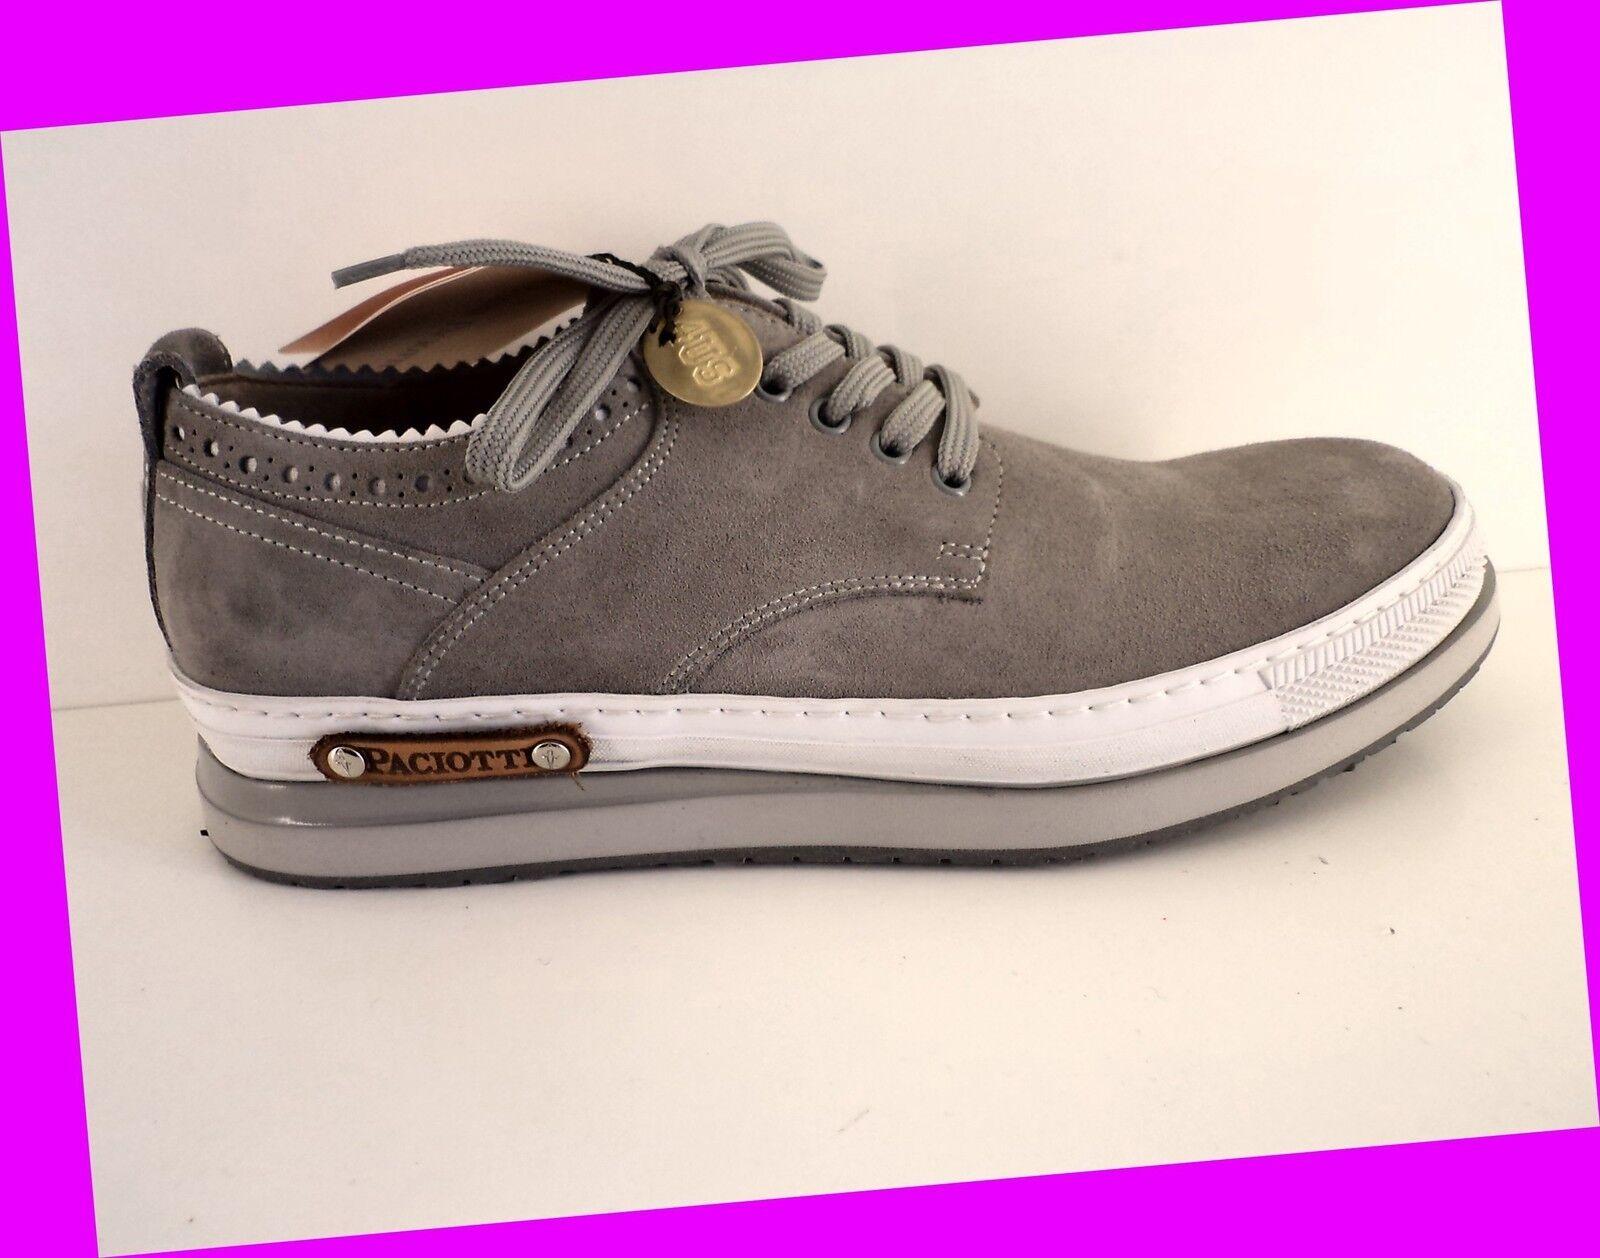 SCONTO 50 %  zapatillas PACIOTTI 4US SUMMER hombres CAMOSCIO gris ART. NU2  N°  44